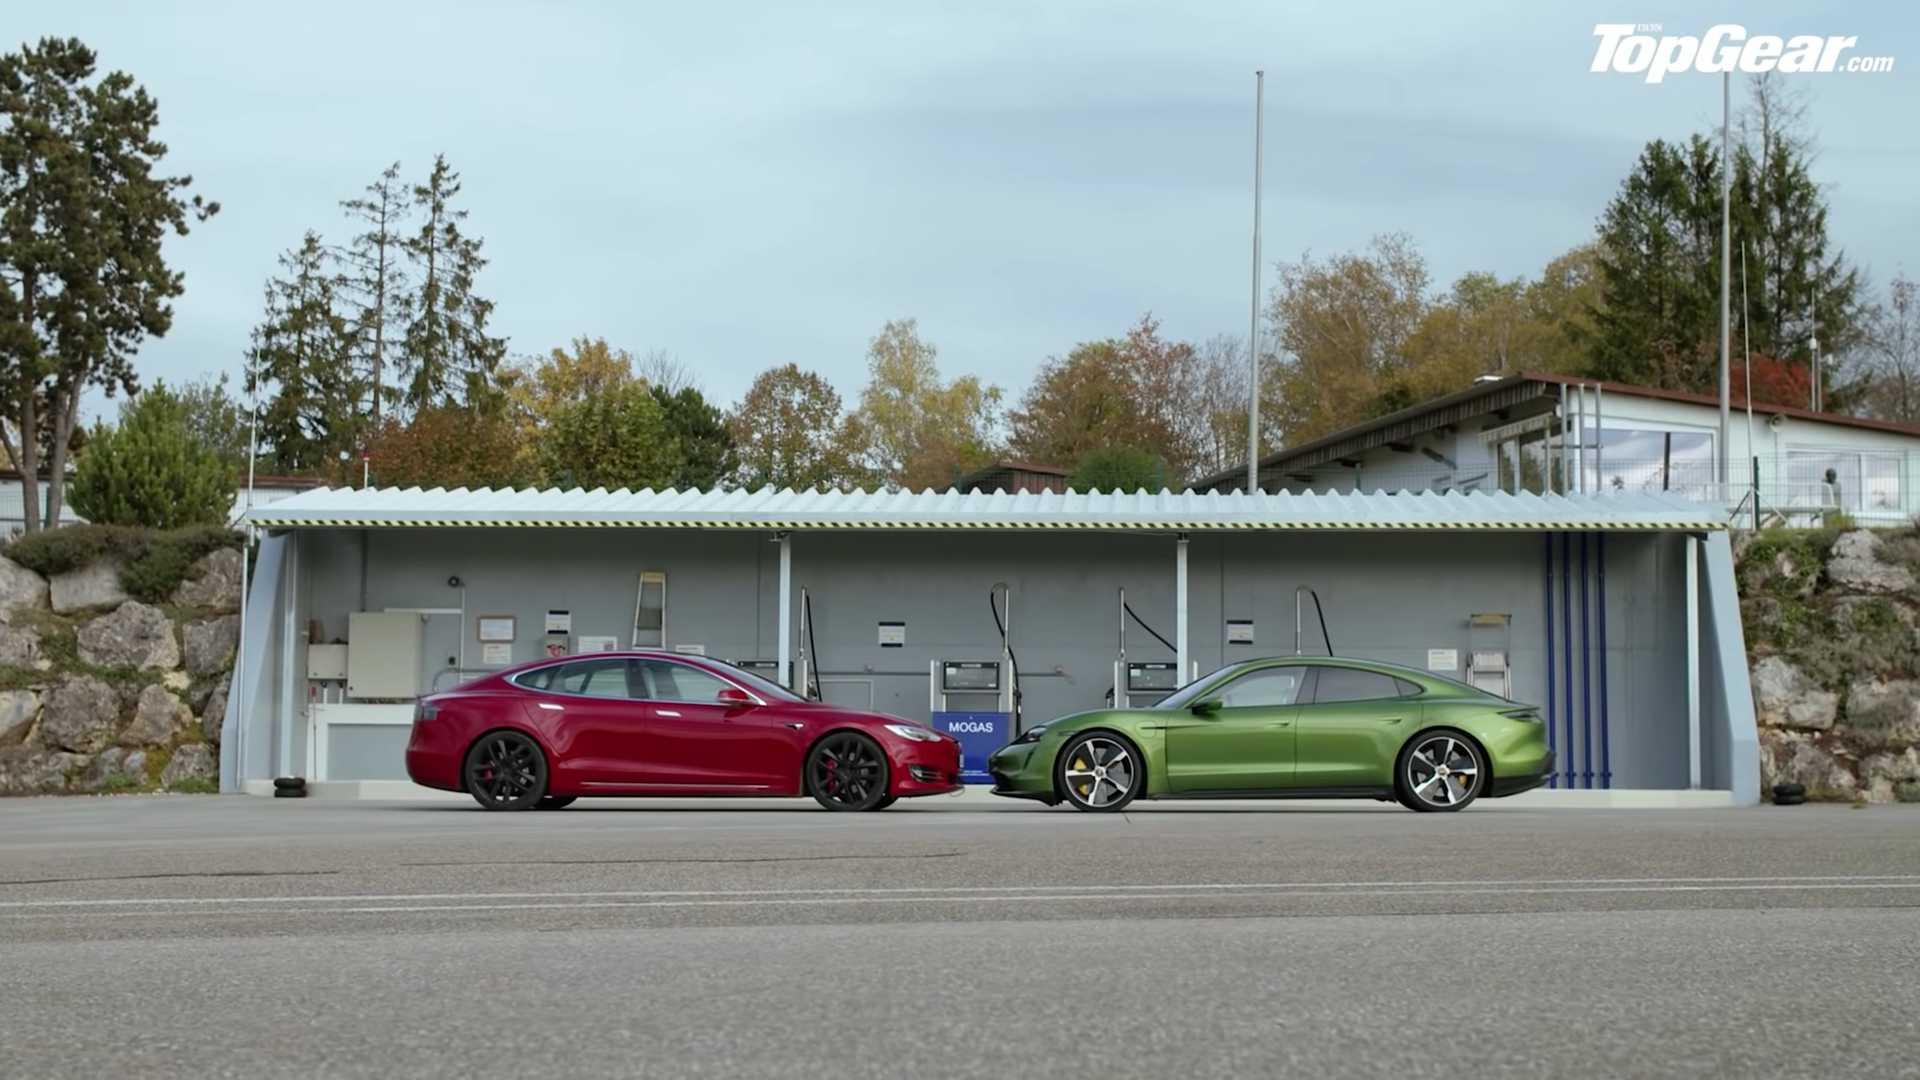 top-gear-porsche-taycan-turbo-s-versus-tesla-model-s-3